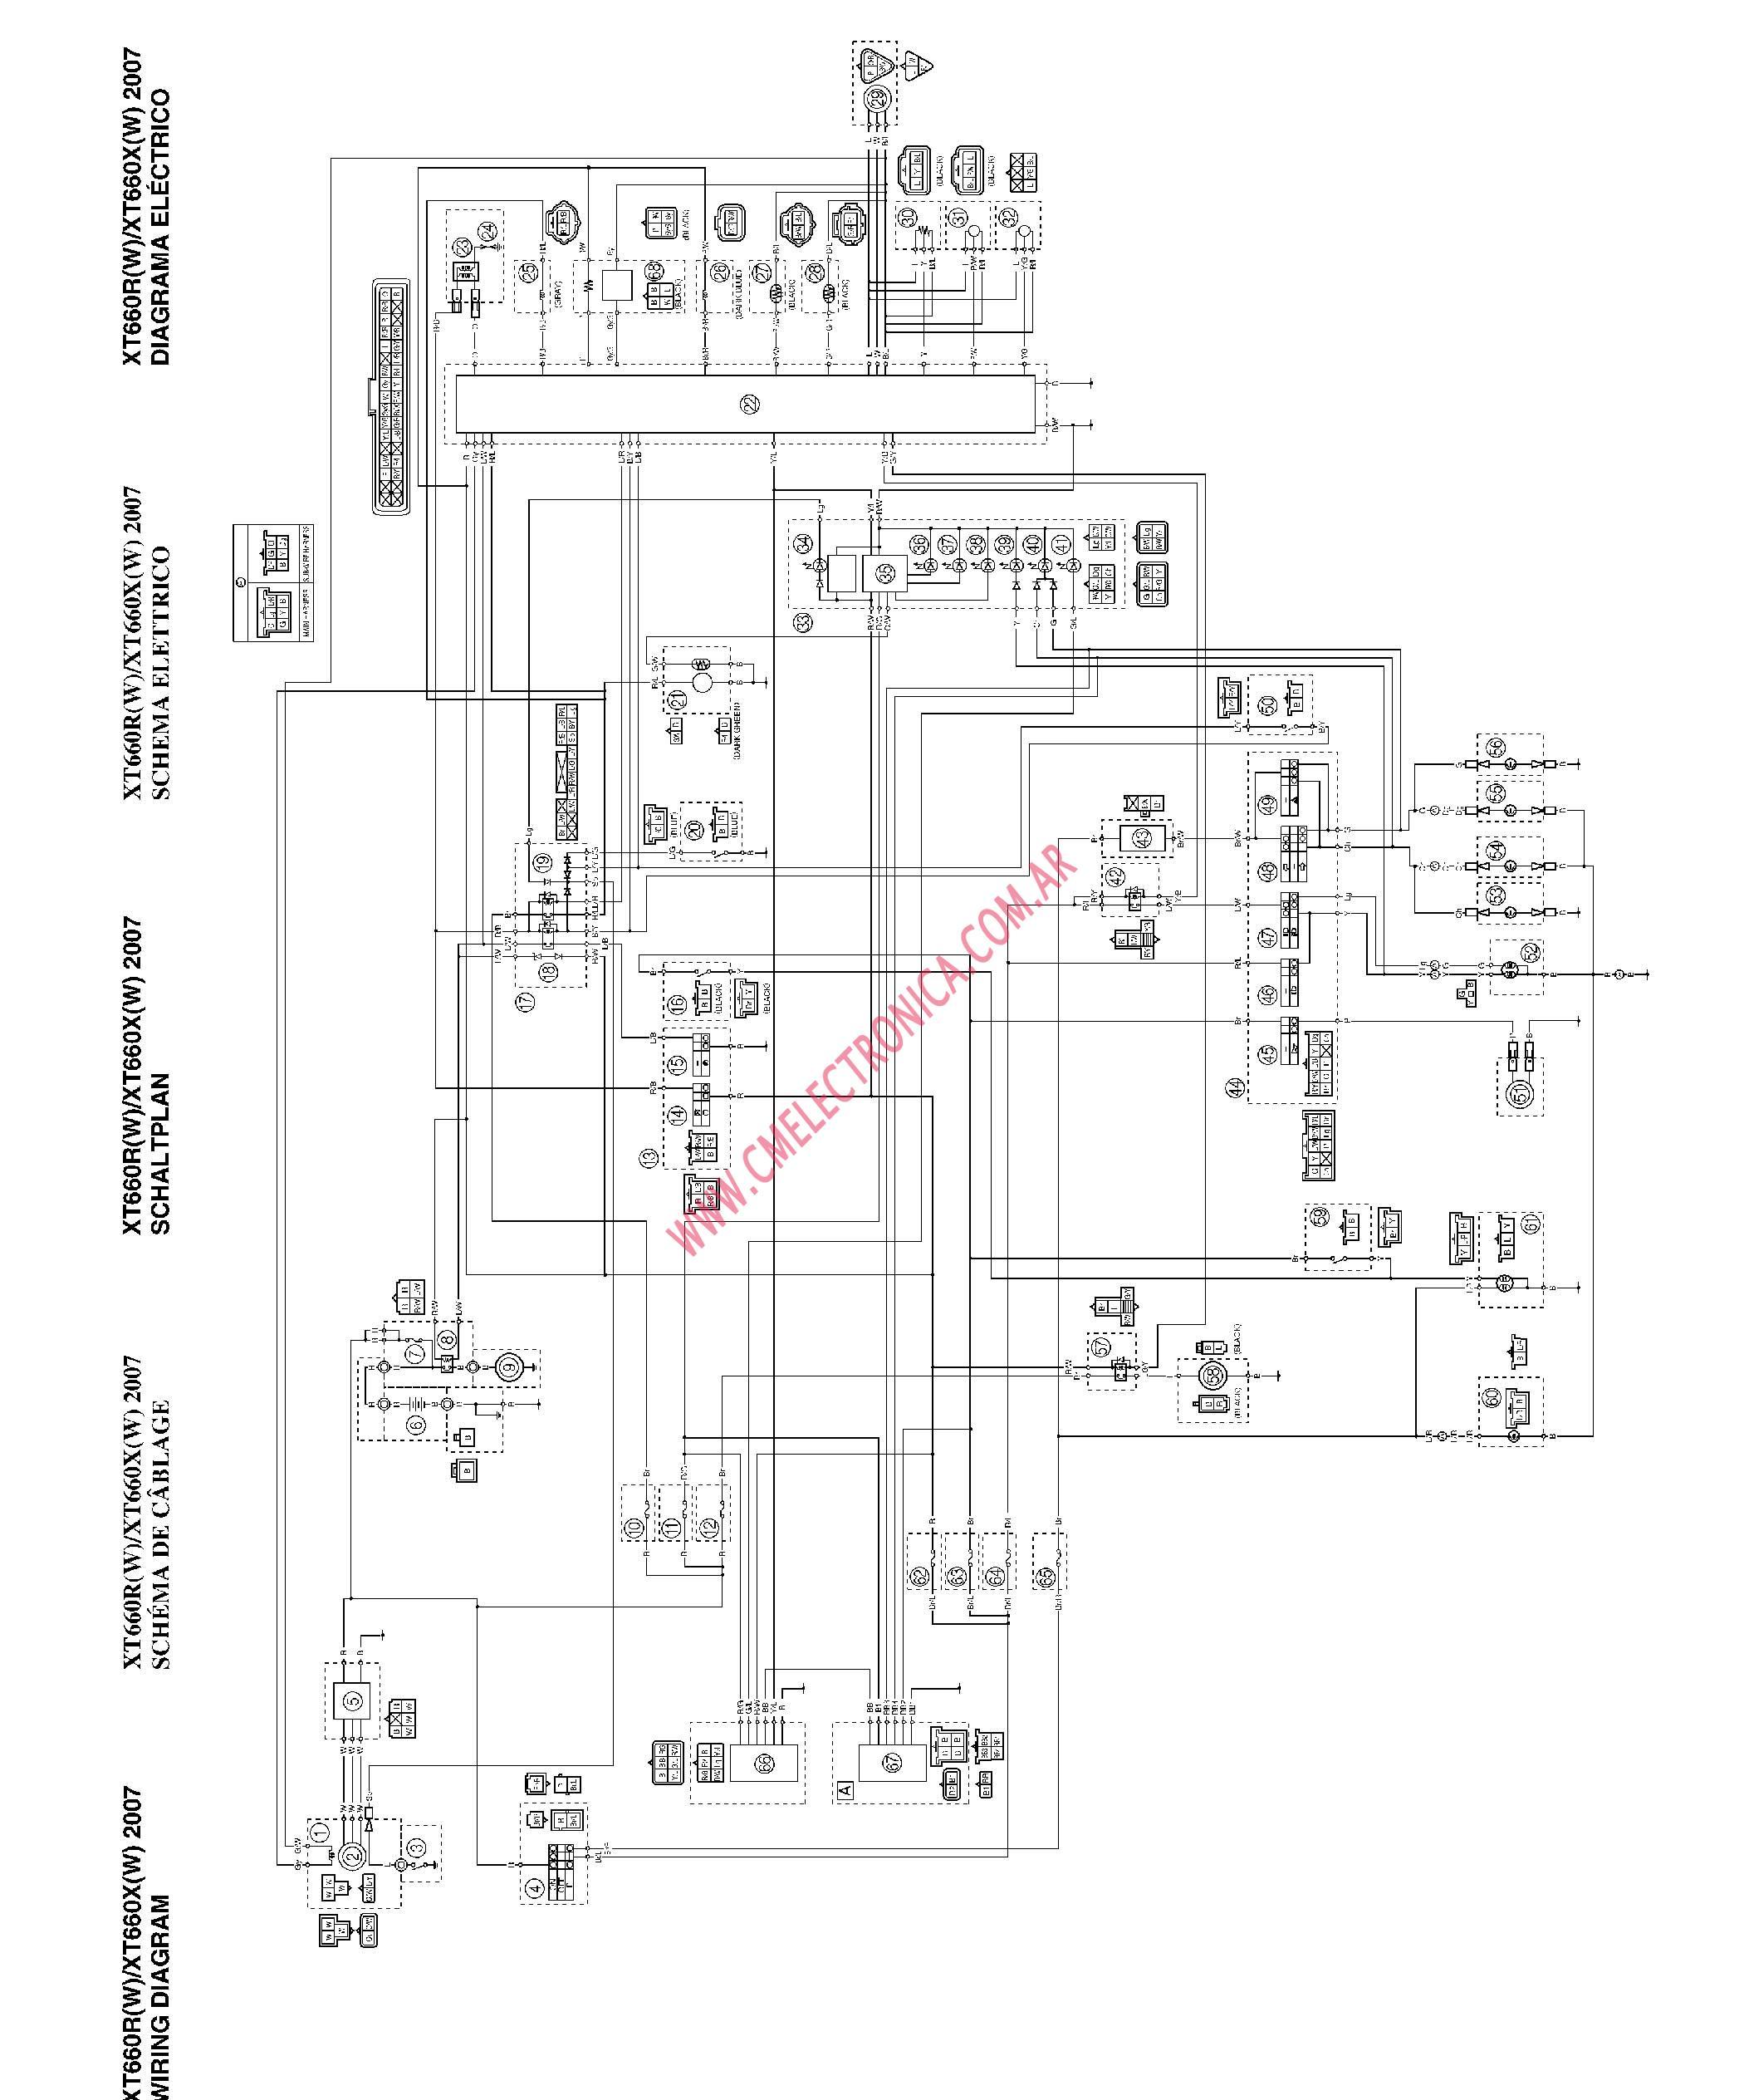 2008 kawasaki kfx 450 wiring diagram  diagram  auto wiring